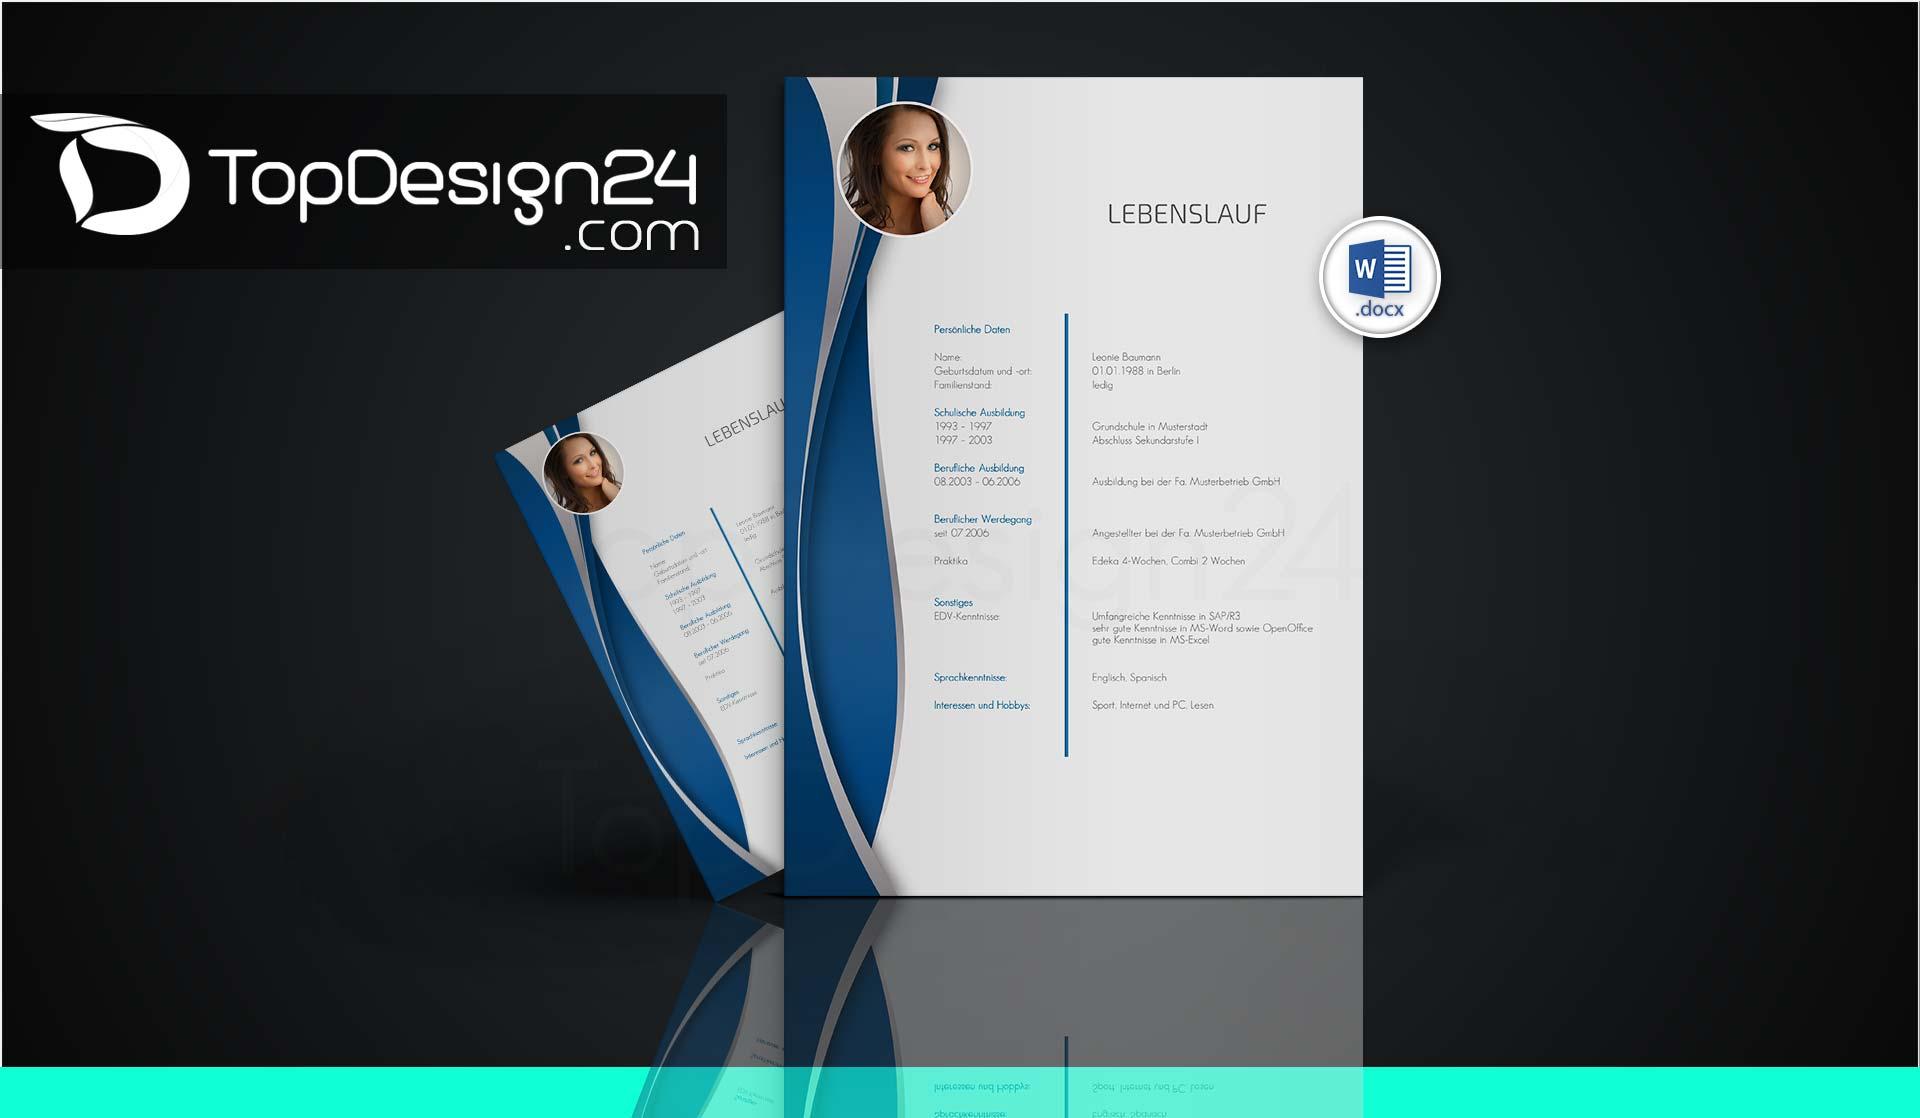 bewerbung designvorlagen topdesign24 bewerbungsvorlagen. Black Bedroom Furniture Sets. Home Design Ideas